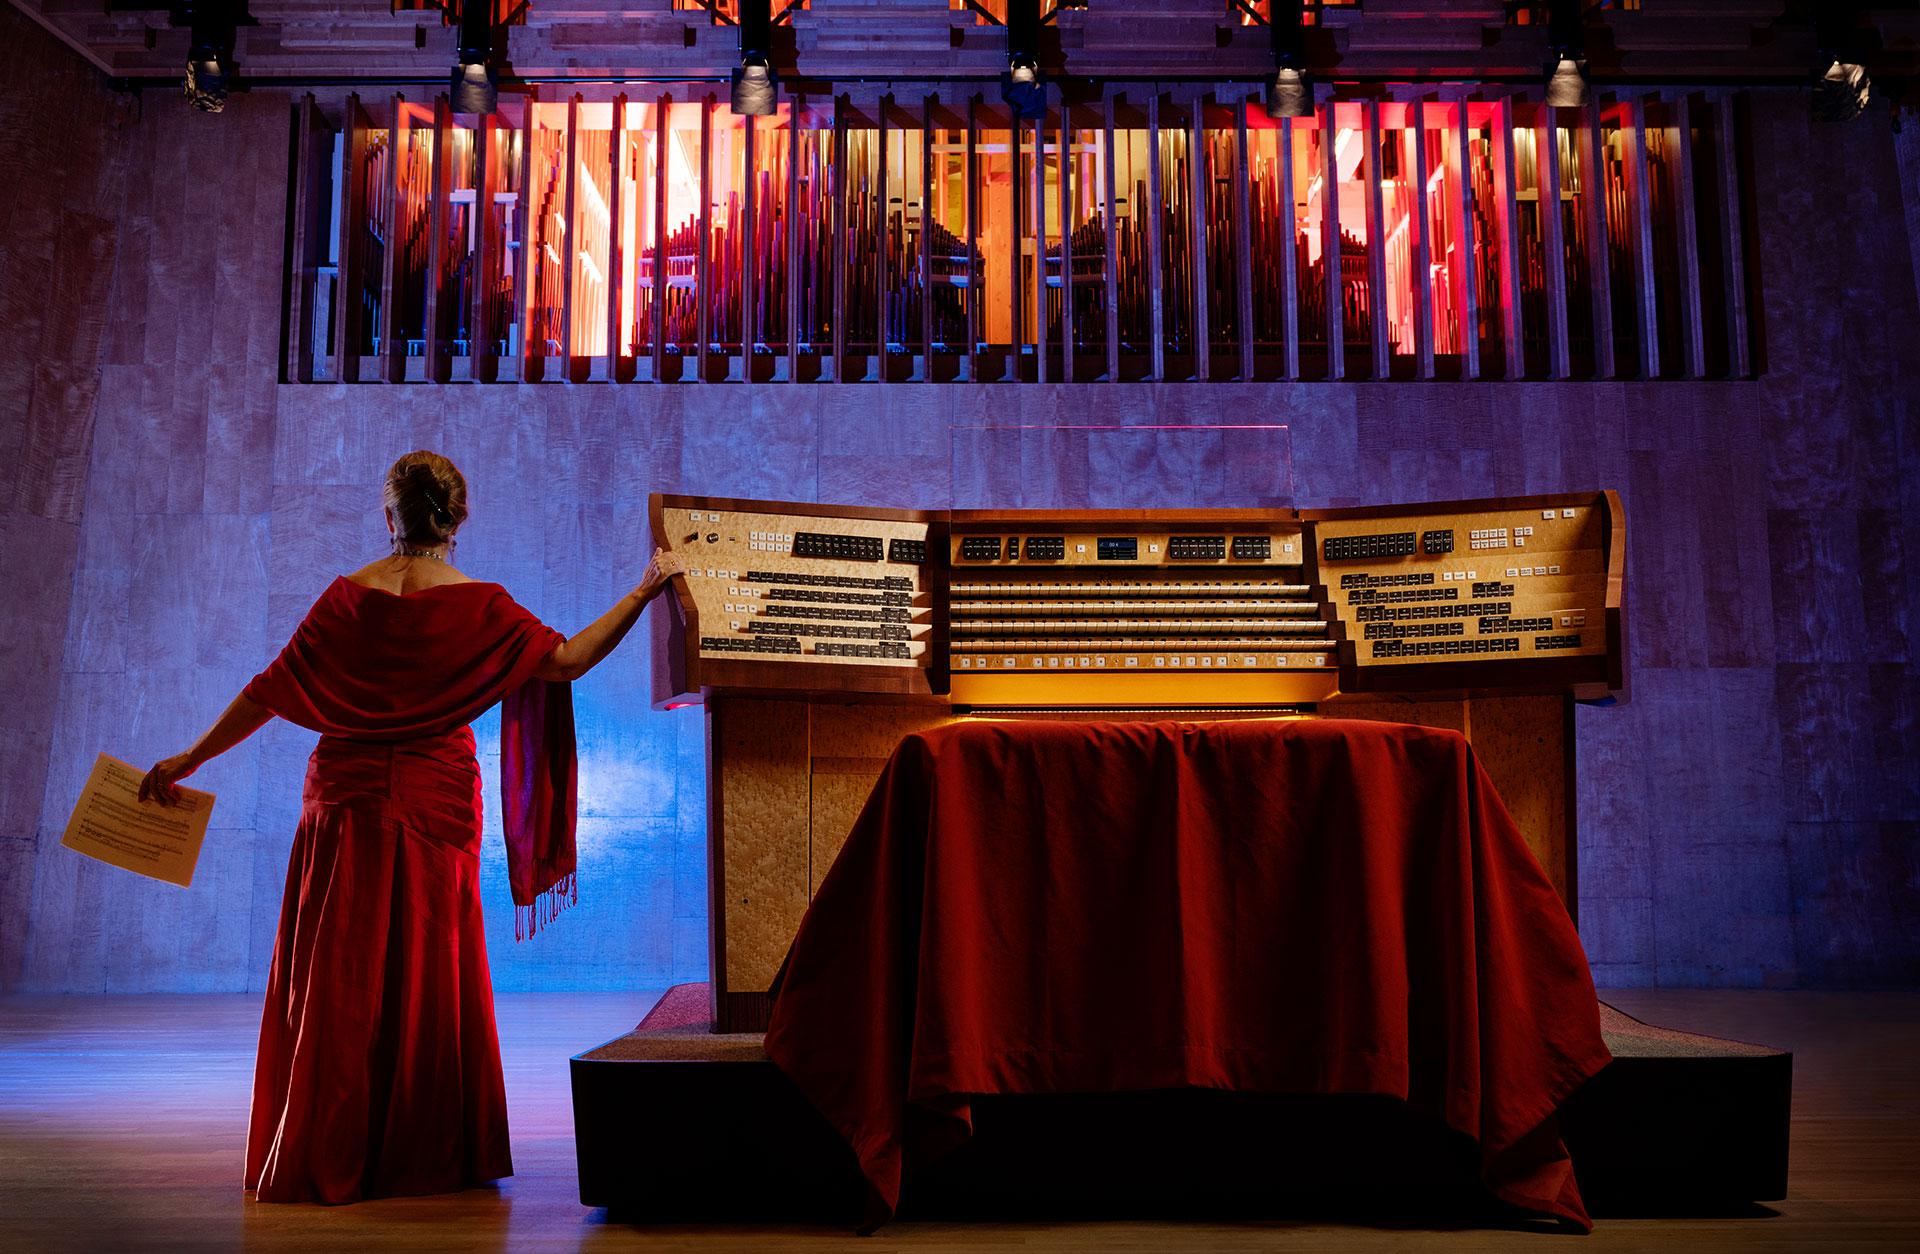 Orgelns spelbord och musiker på scenen i vacker ljussättning, piporna anas bakom lamellerna i fonden.